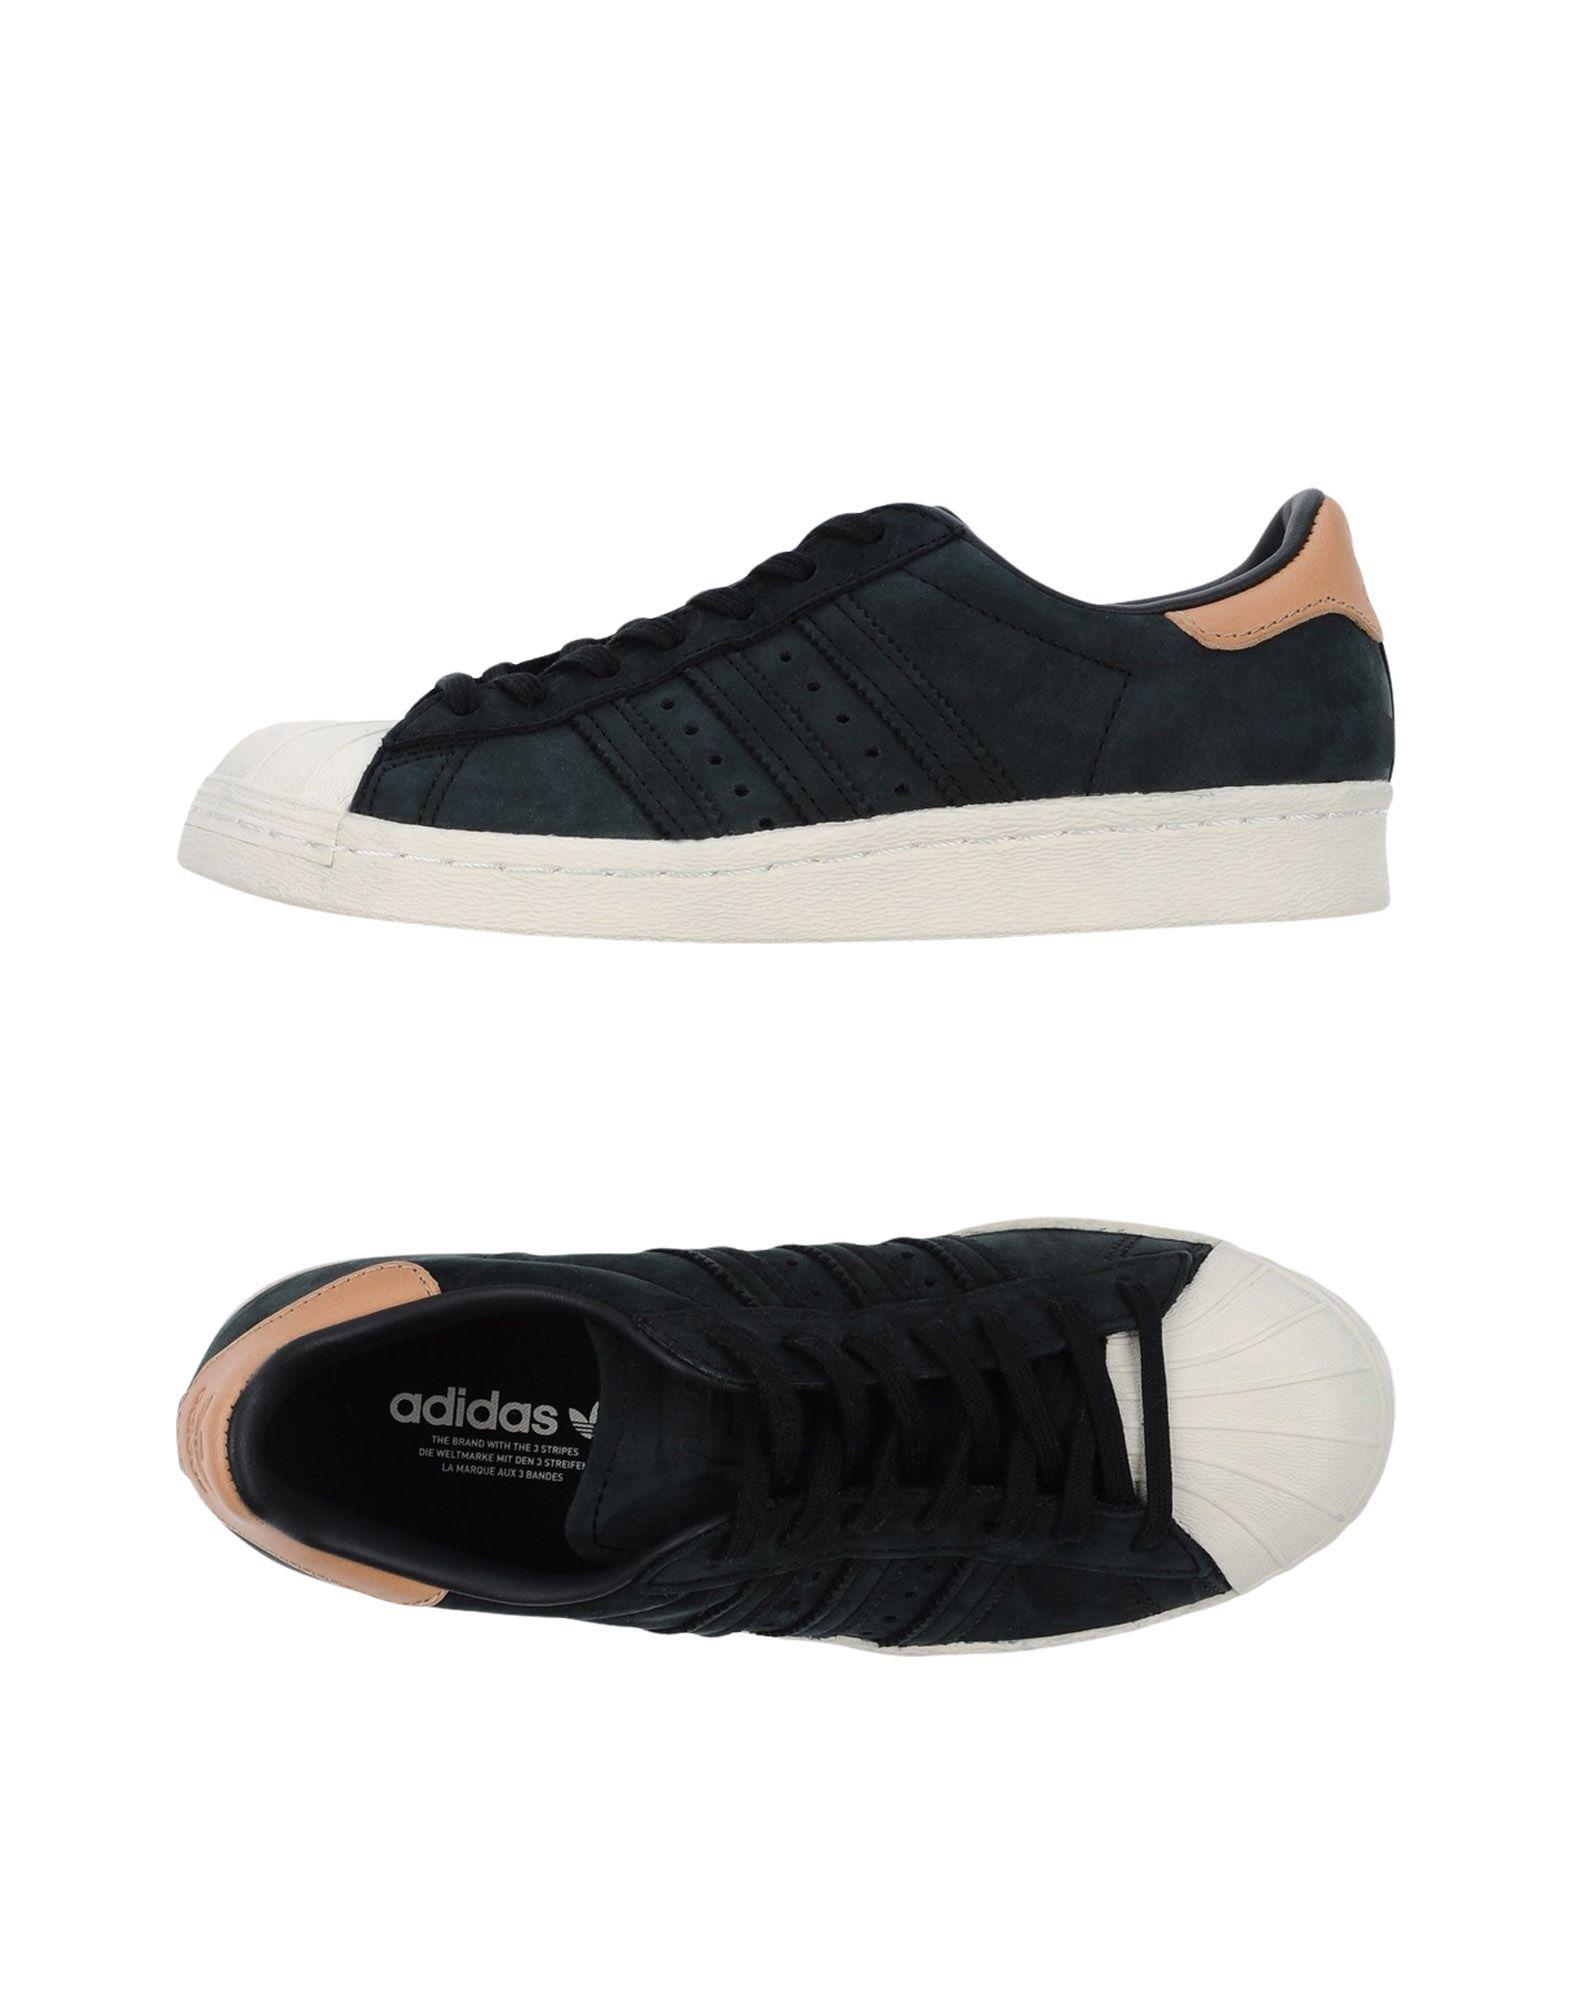 Adidas Originals Sneakers Damen  11335456IA Gute Qualität beliebte Schuhe